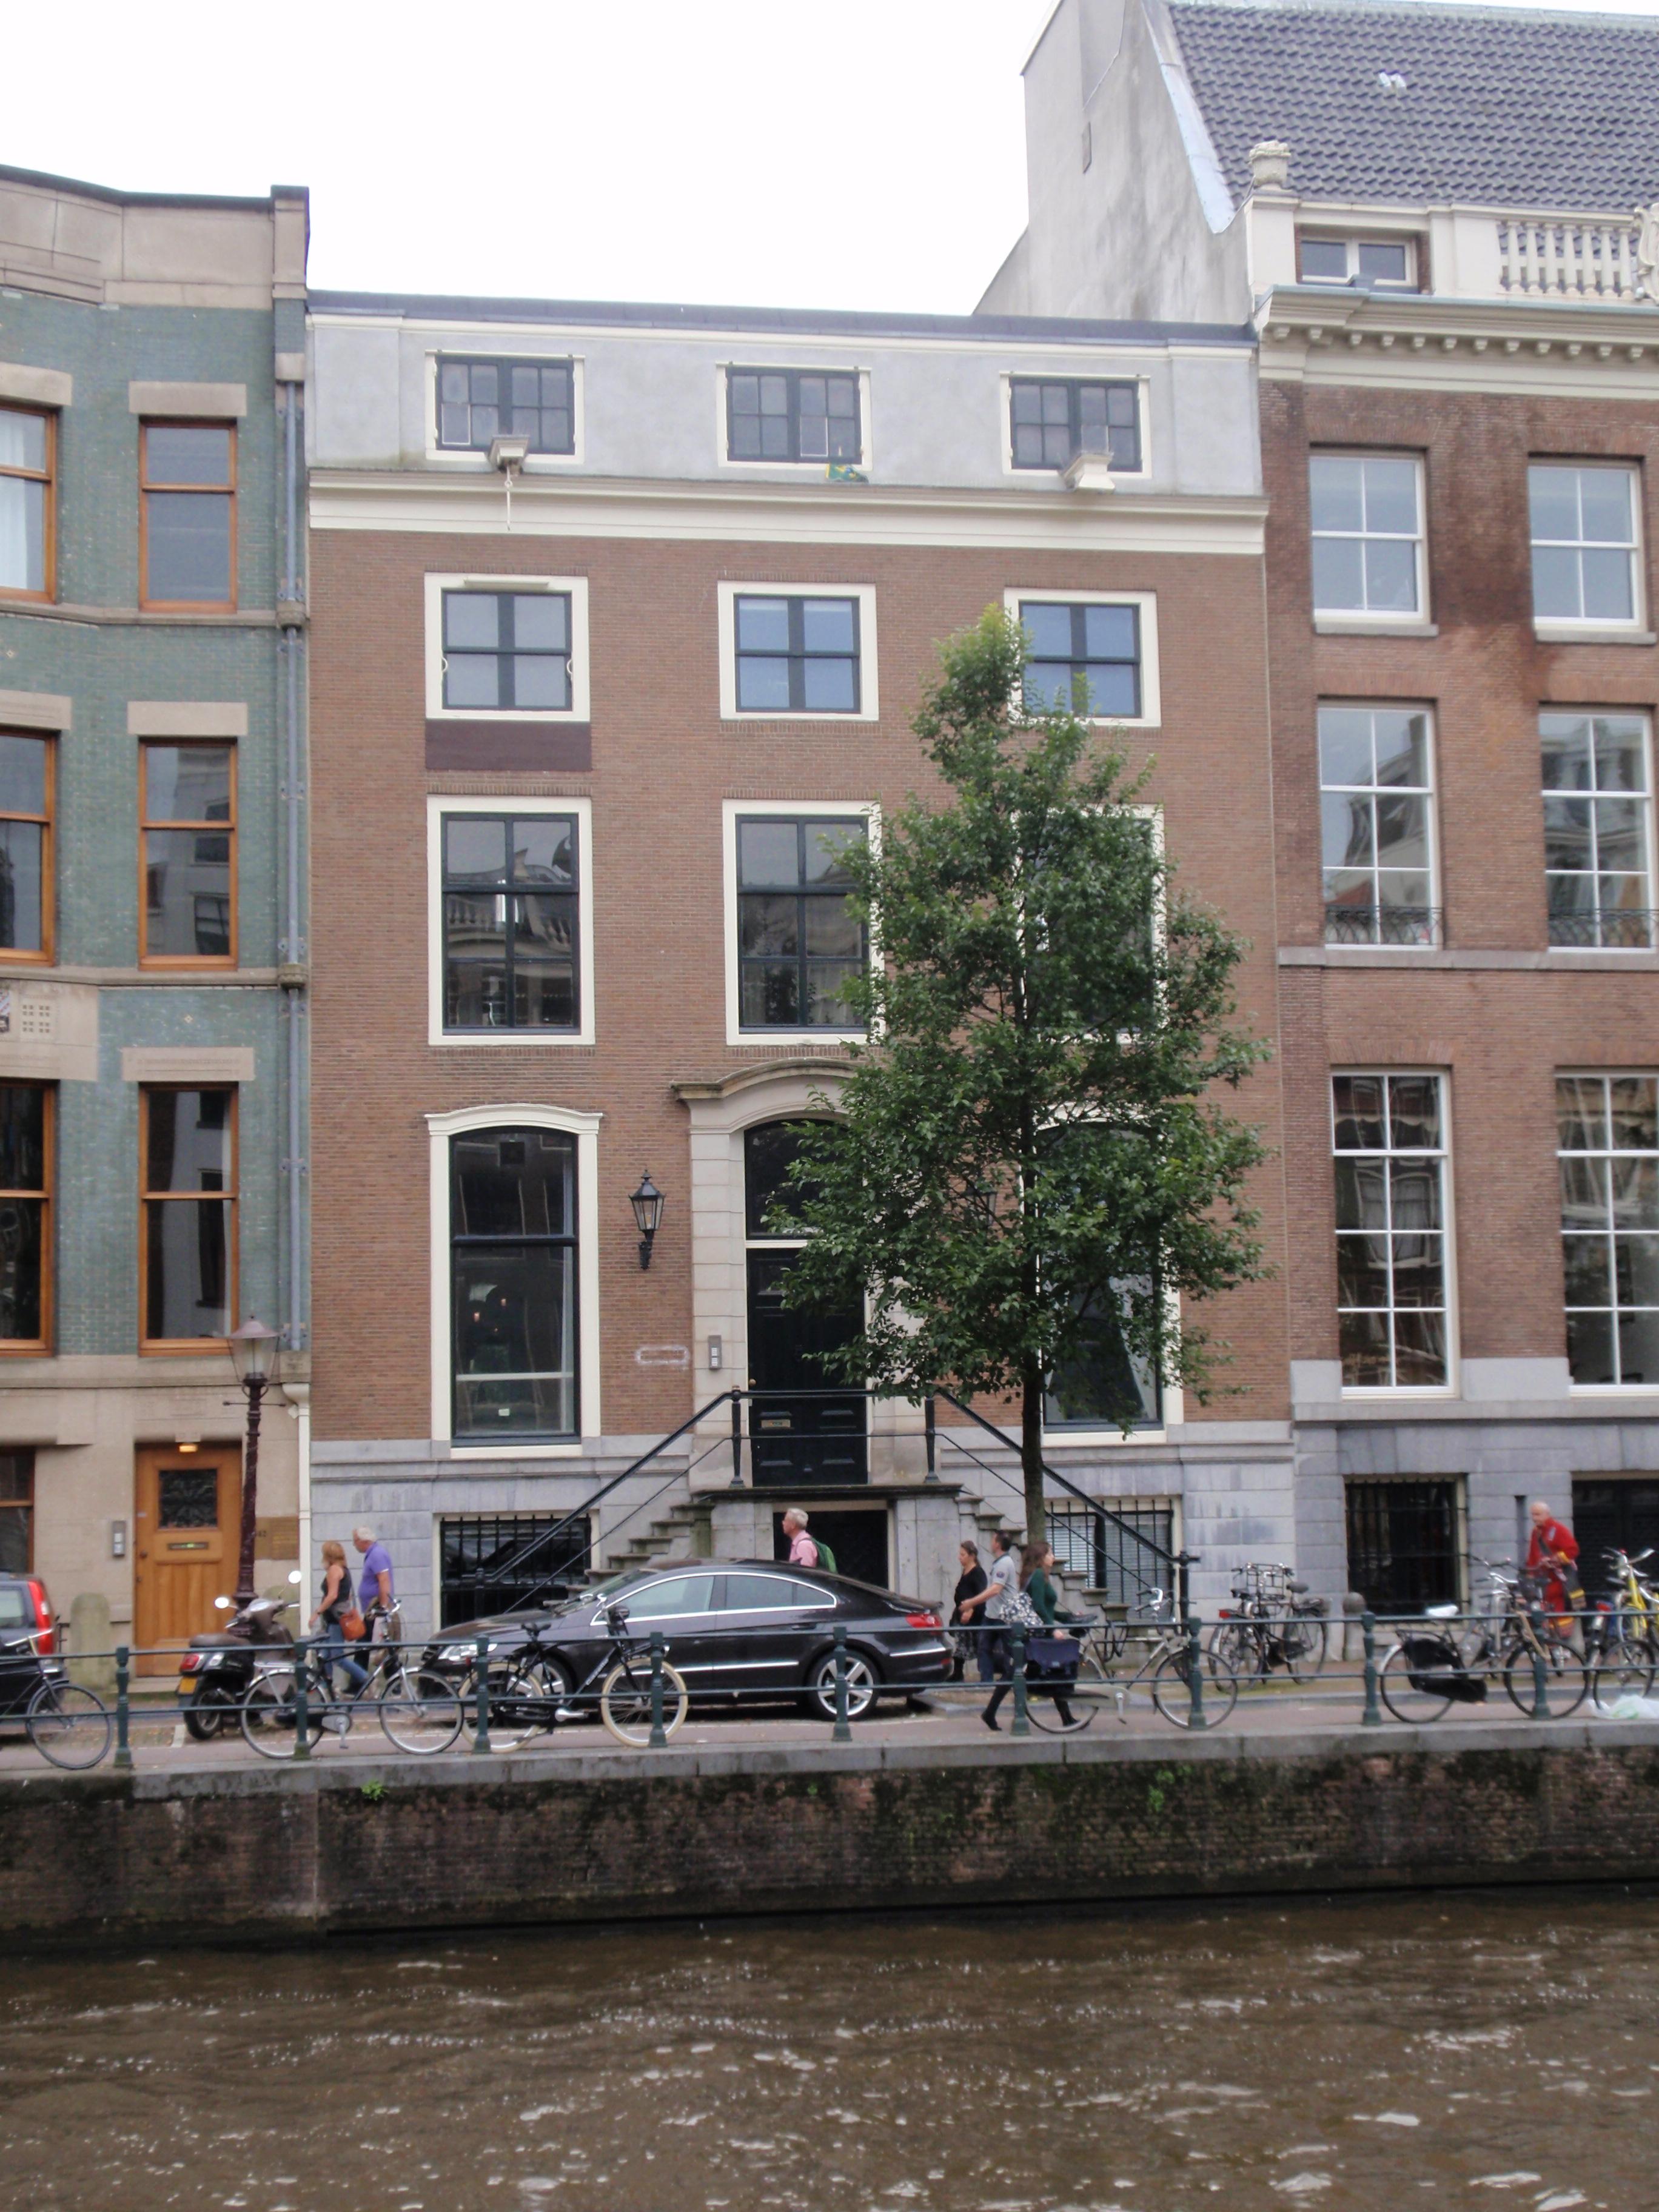 Dubbel huis met gevel van drie vensterassen onder rechte for Lijst inrichting huis